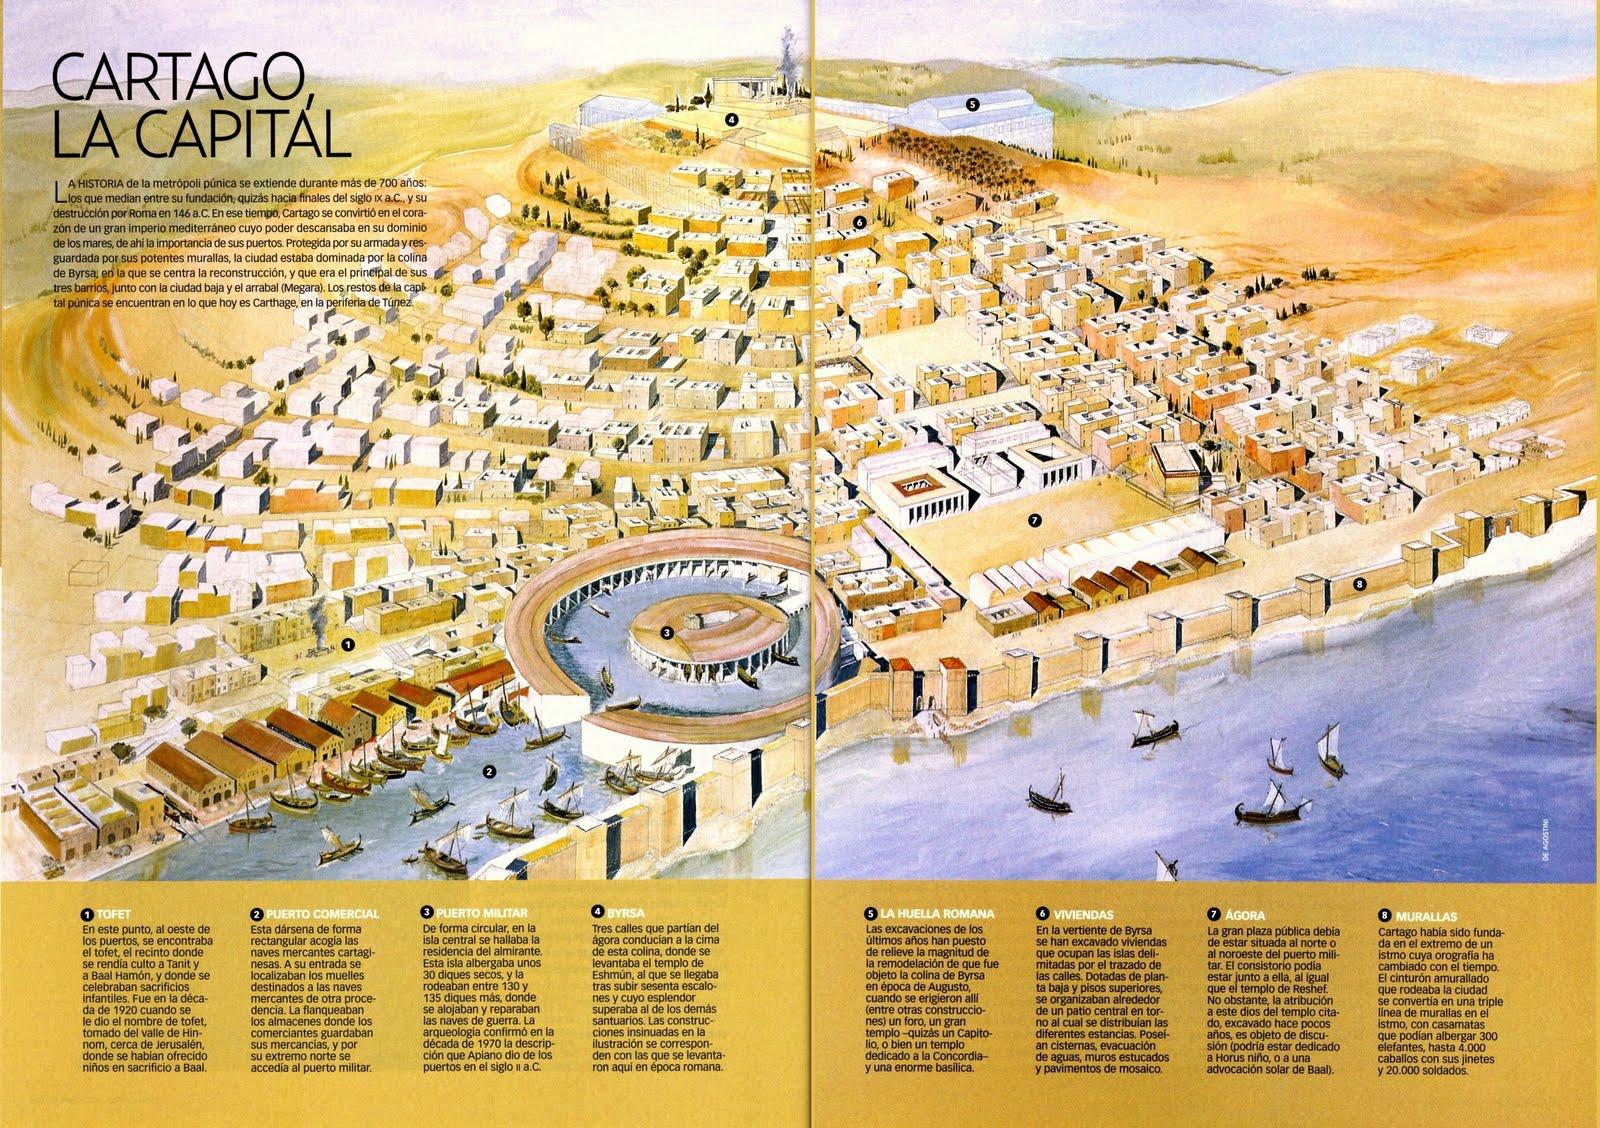 Resultado de imagen de Mapa de Túnez, cartago